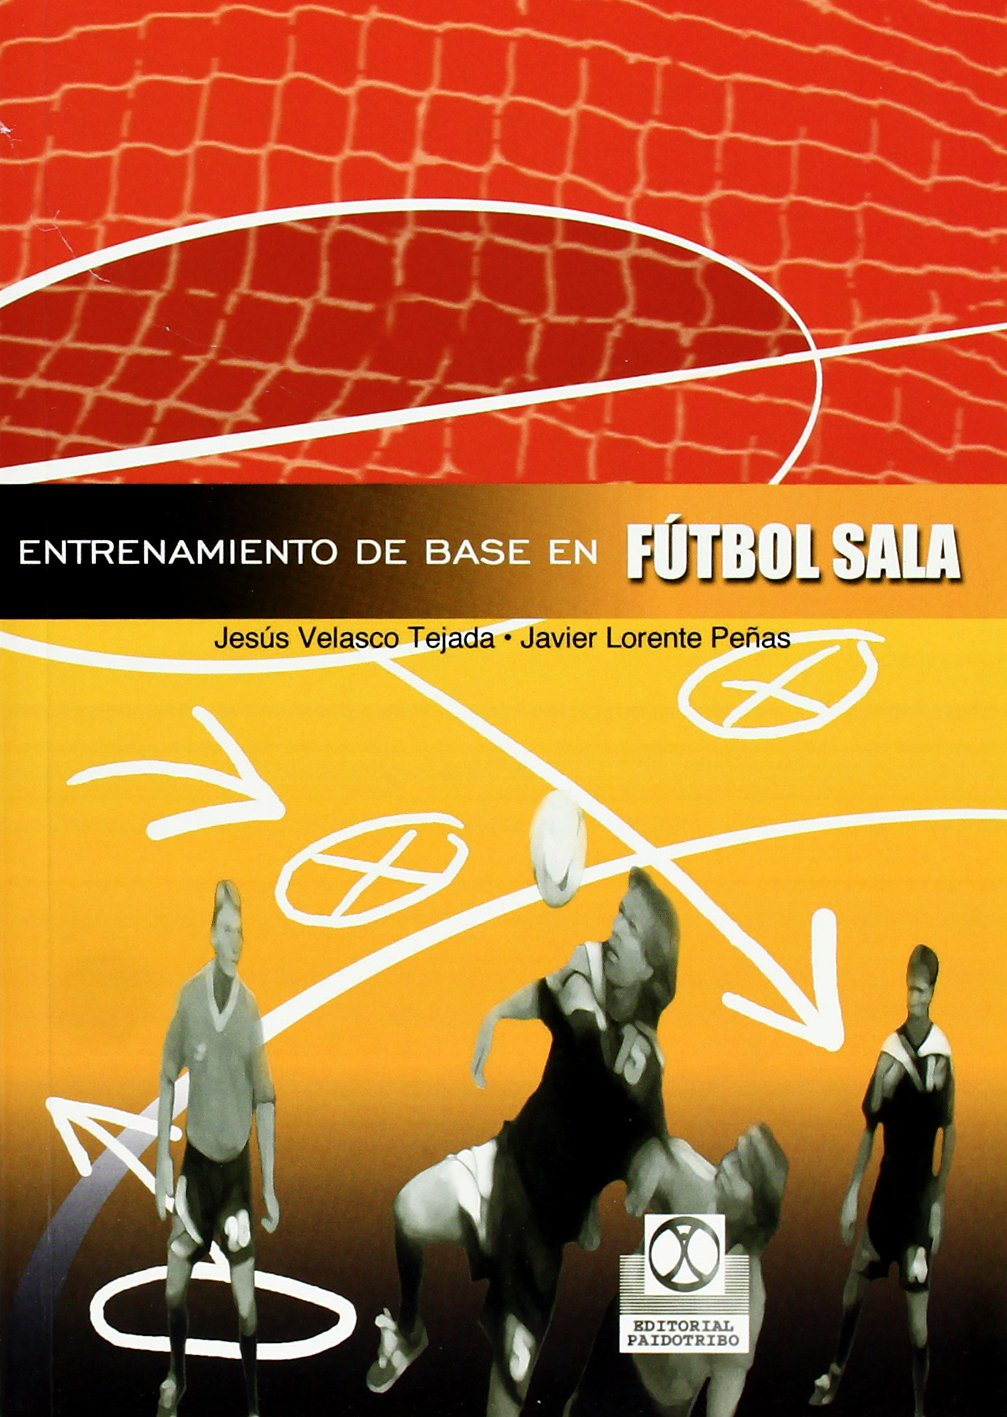 Entrenamiento de Base En Futbol Sala (Spanish Edition) by Paidotribo Editorial